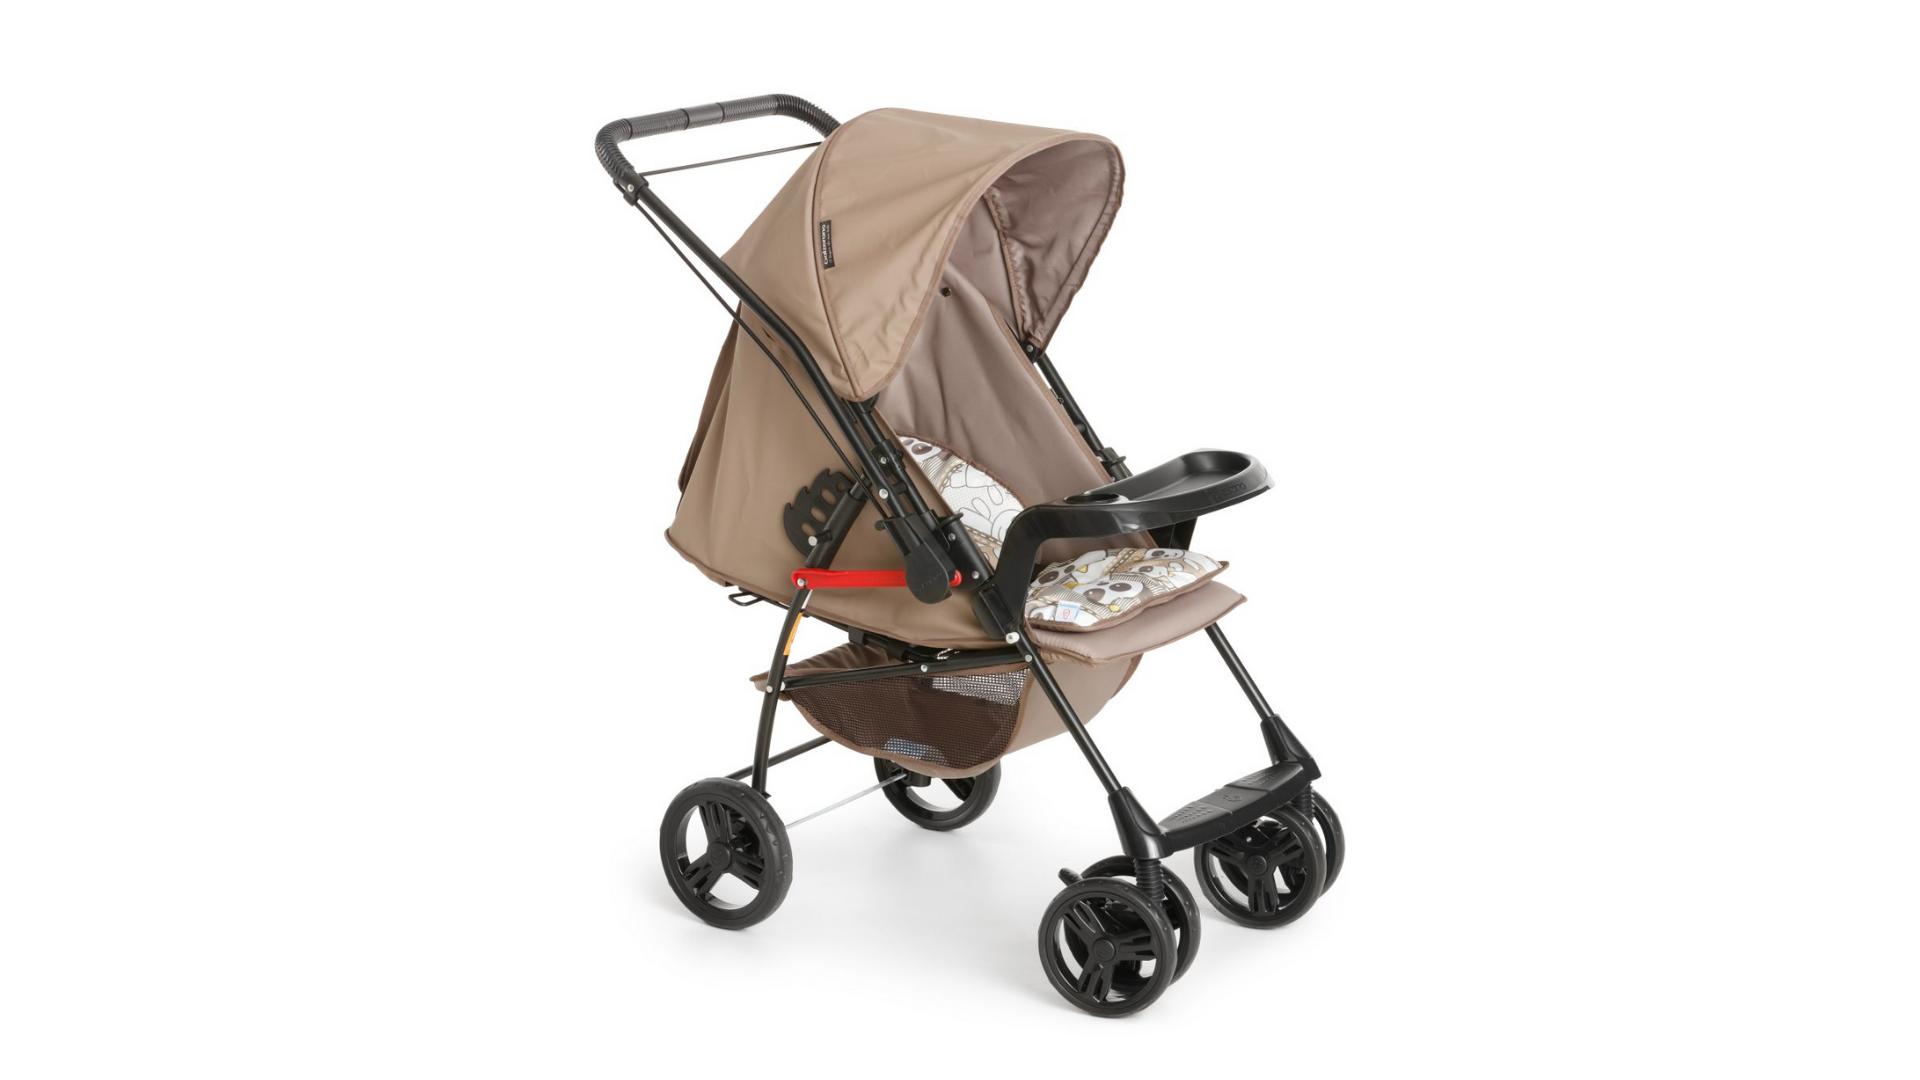 O Galzerano Milano Reversível II é um carrinho de bebê de 4 rodas (Imagem: Divulgação/Galzerano)